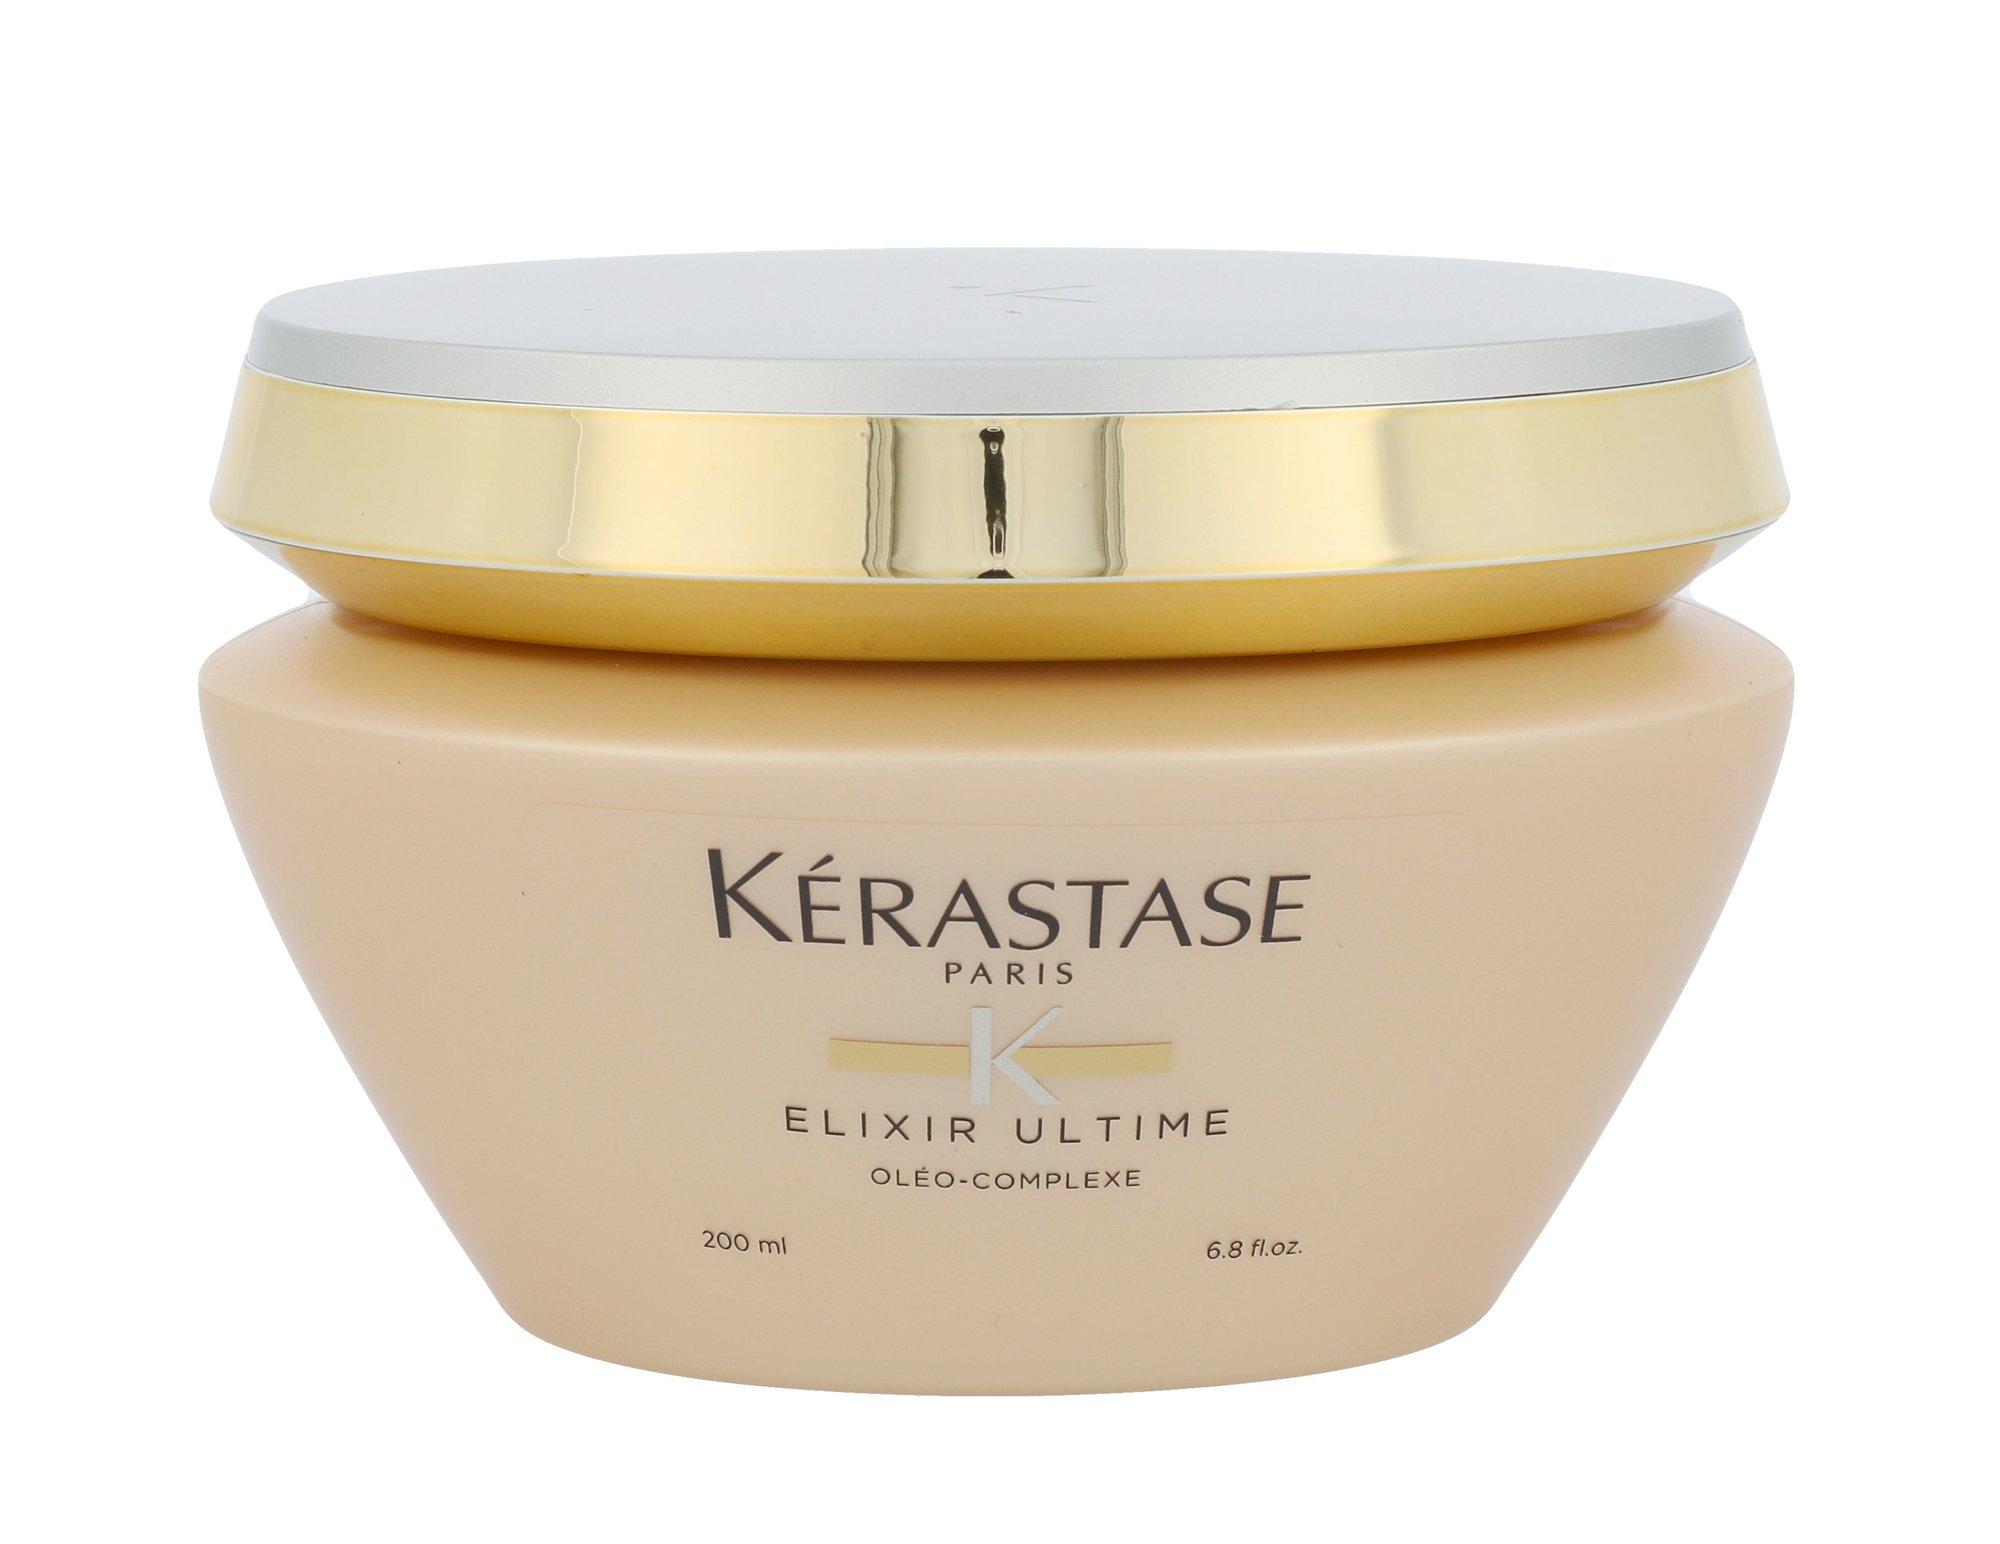 Kérastase Elixir Ultime Cosmetic 200ml